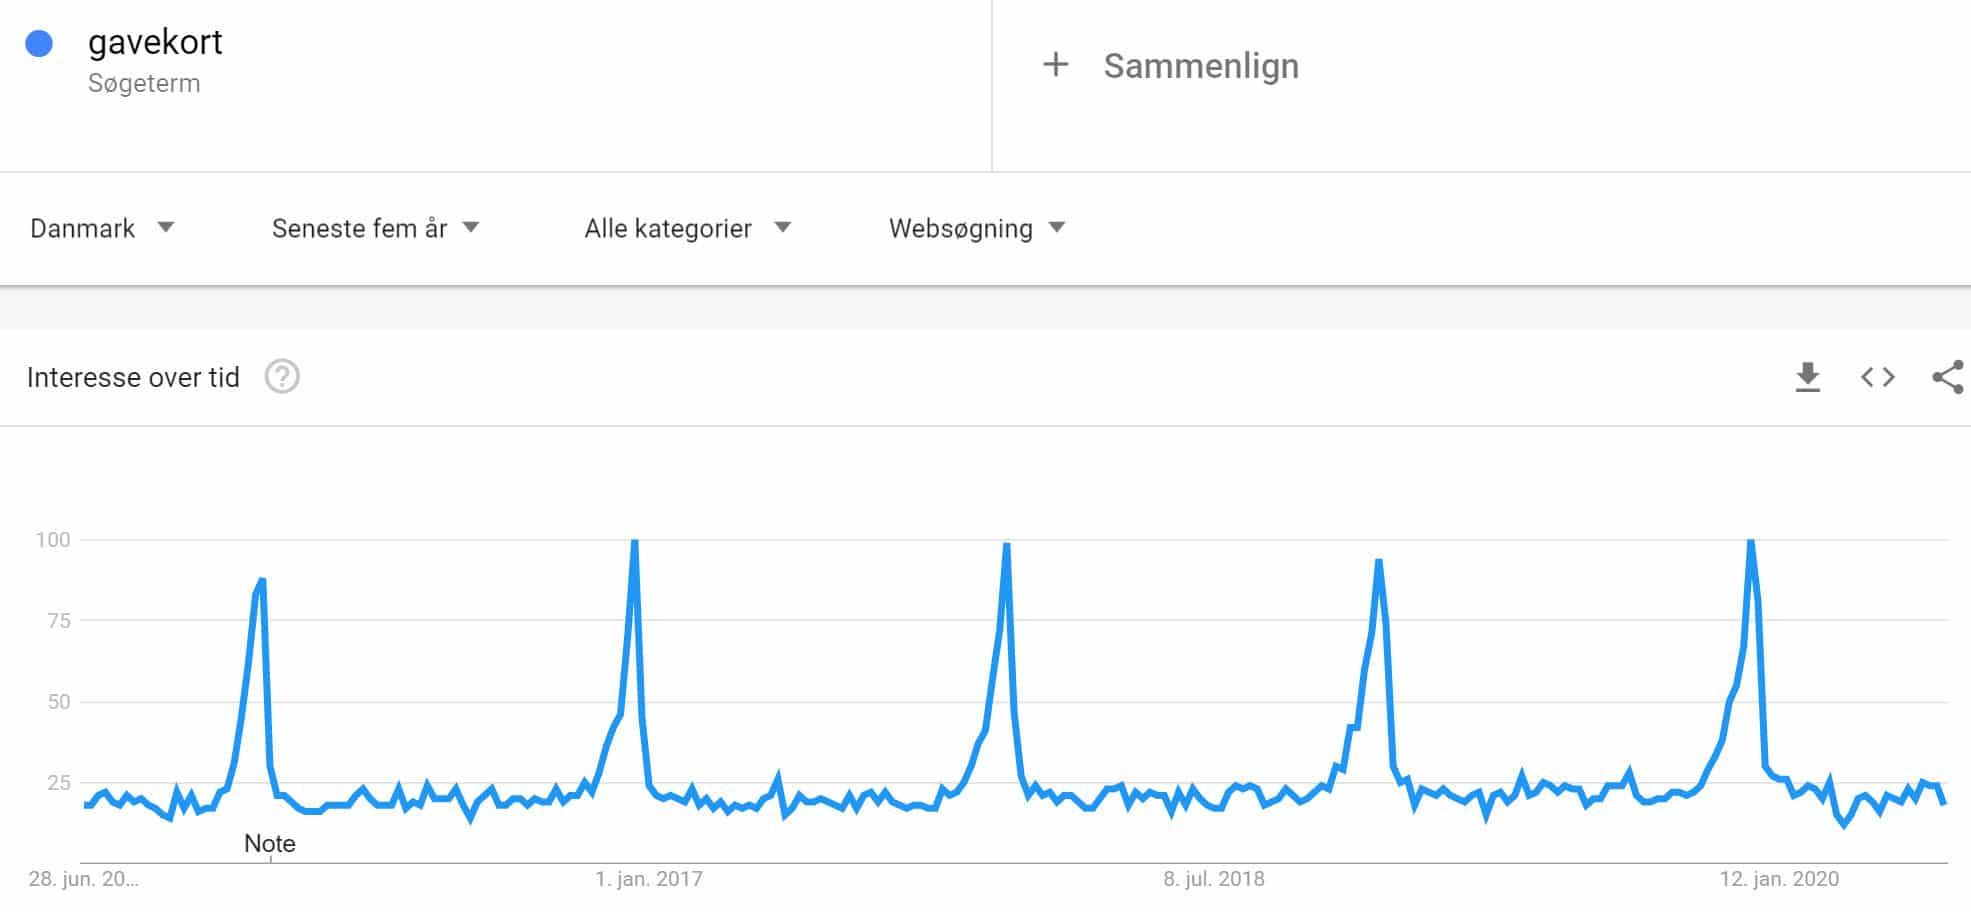 google-trends-gavekort